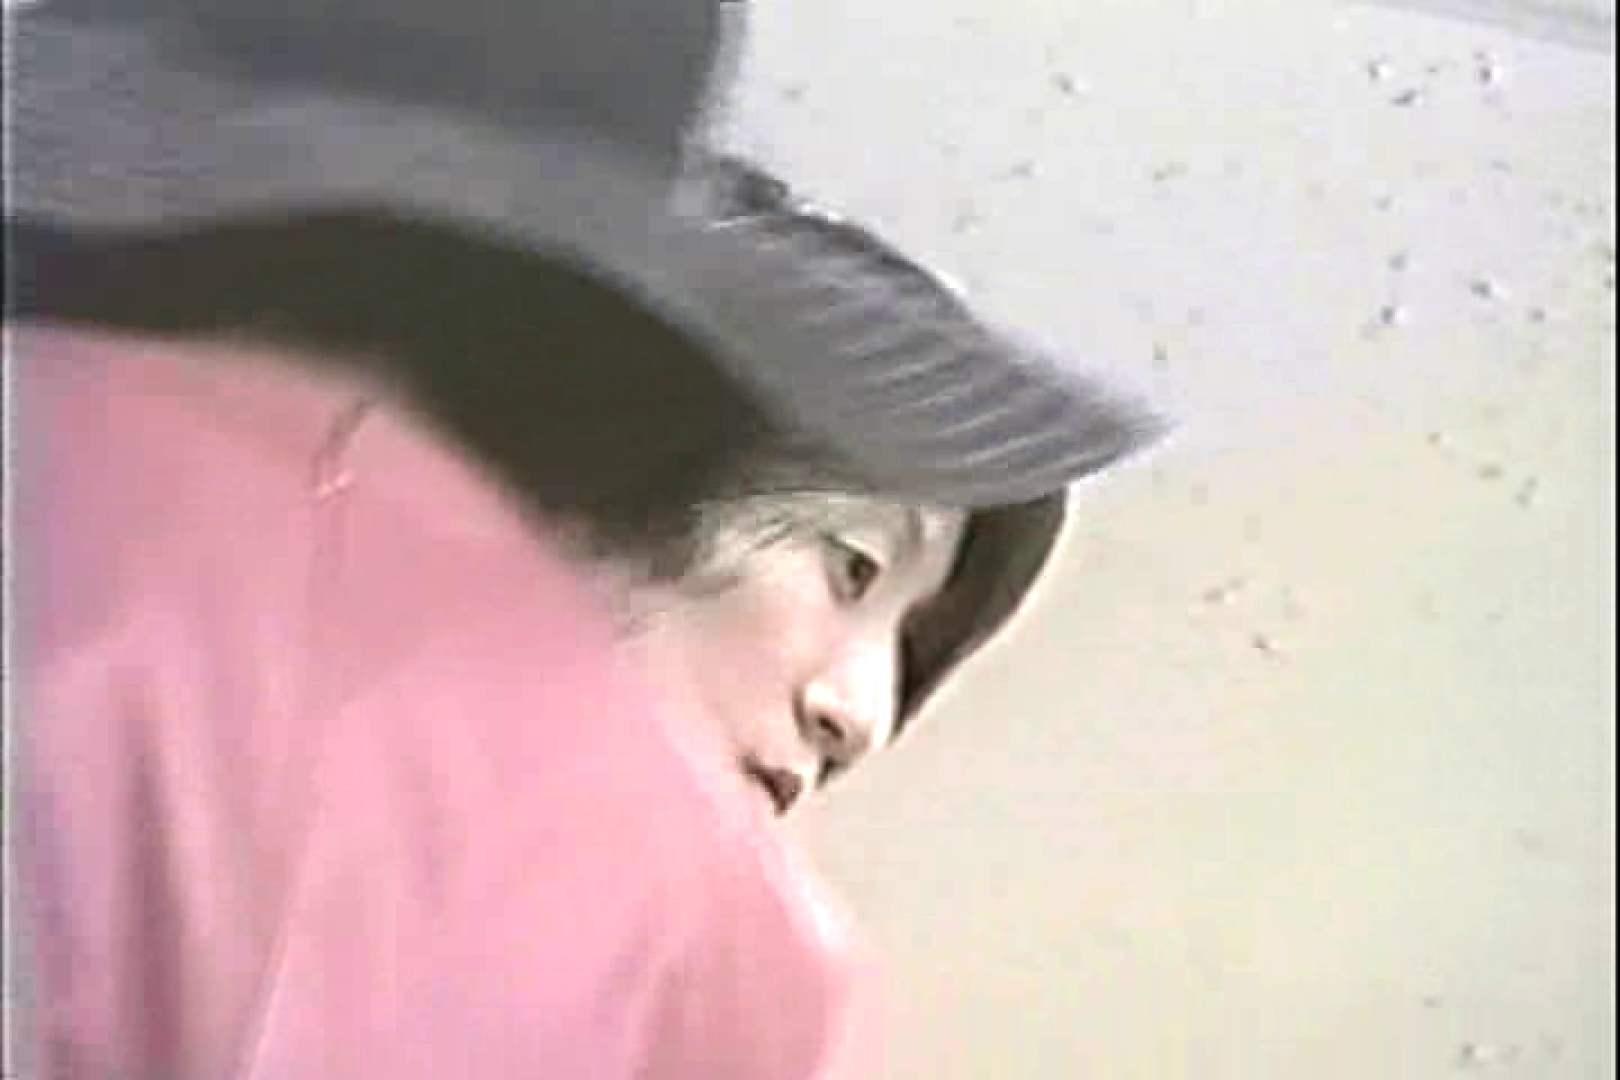 「ちくりん」さんのオリジナル未編集パンチラVol.3_01 レースクイーン   パンチラハメ撮り  40pic 6